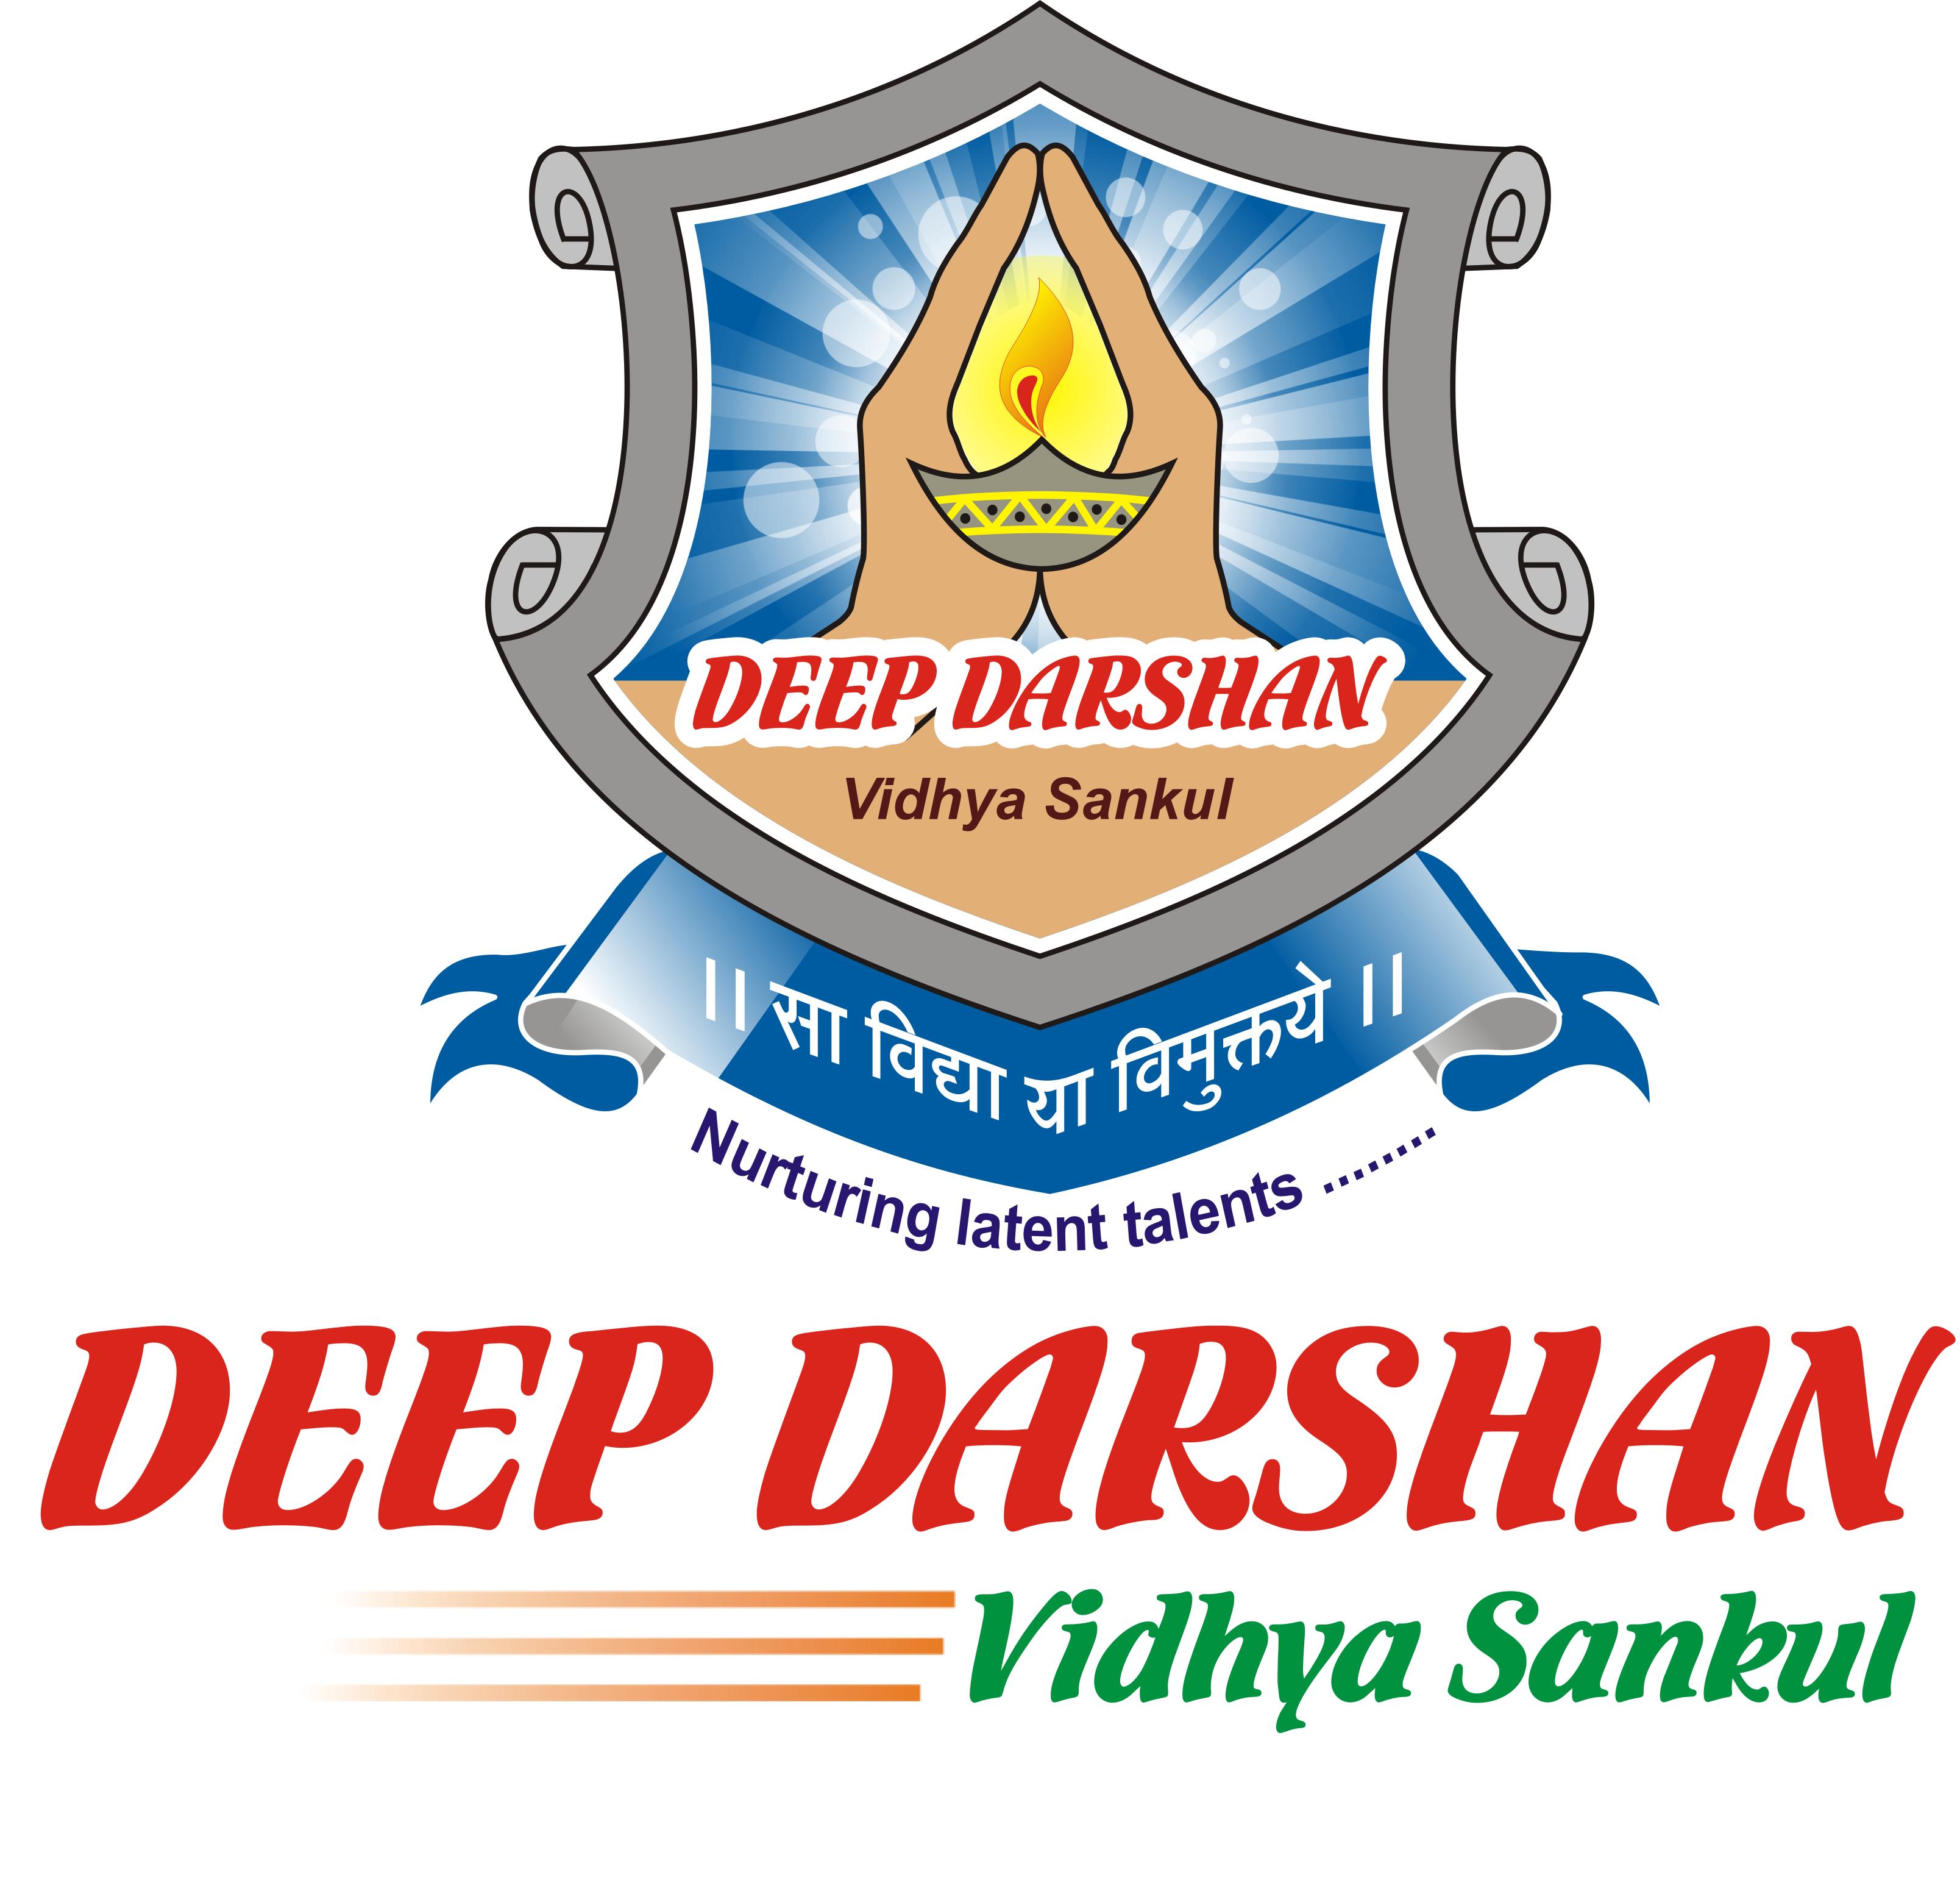 Deep Darshan Vidhya Sankul